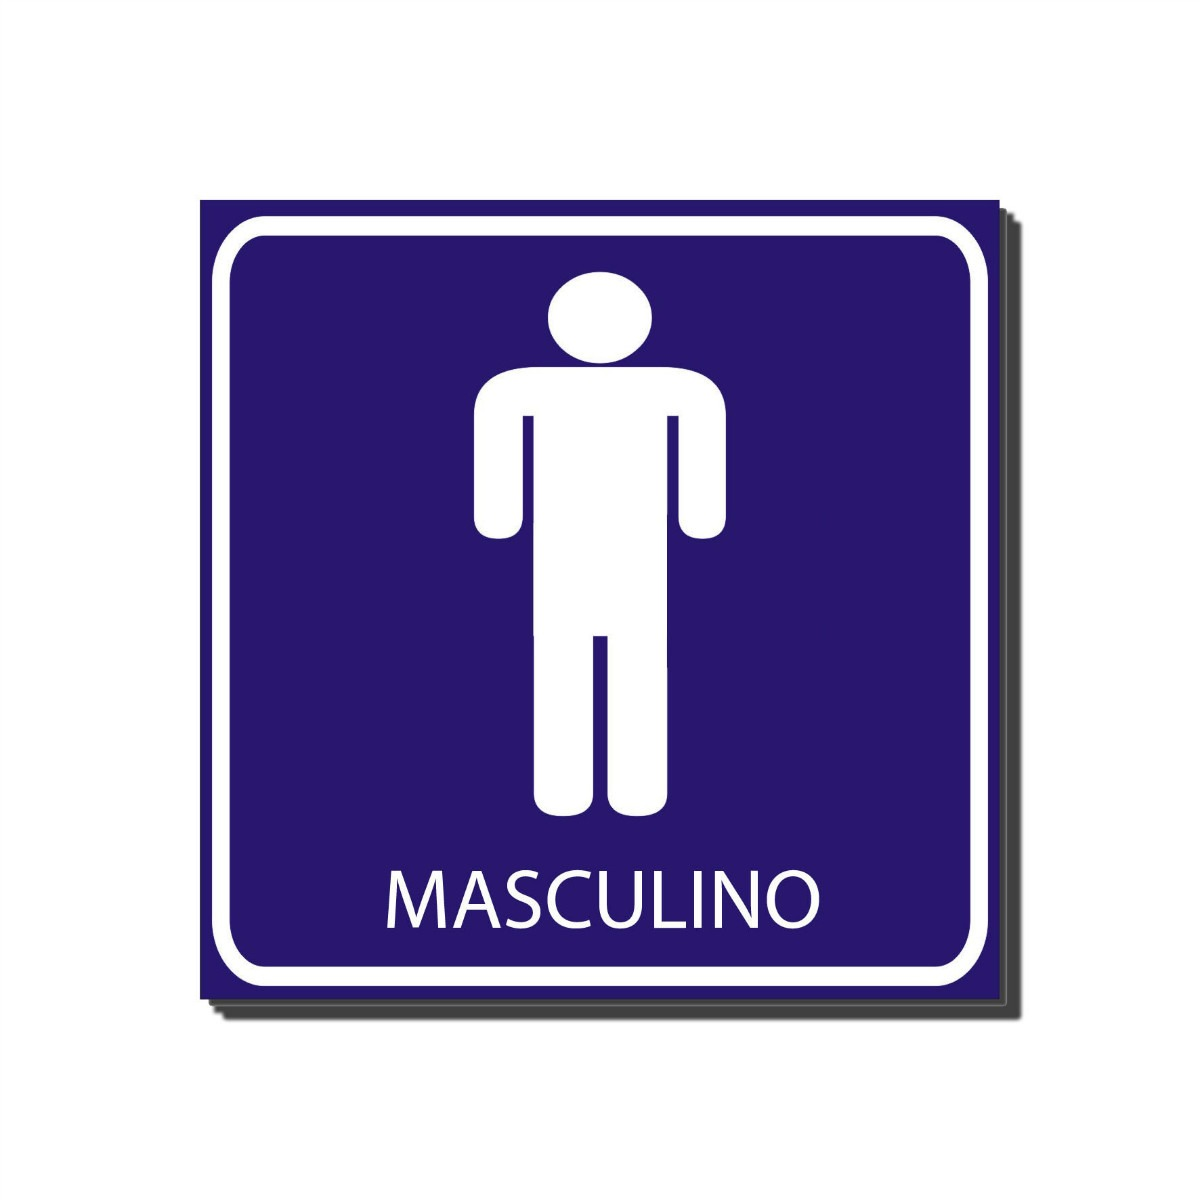 Placas Para Banheiro Em Pvc (par) 20x20 Cm R$ 9 99 em Mercado  #28146E 1200 1200